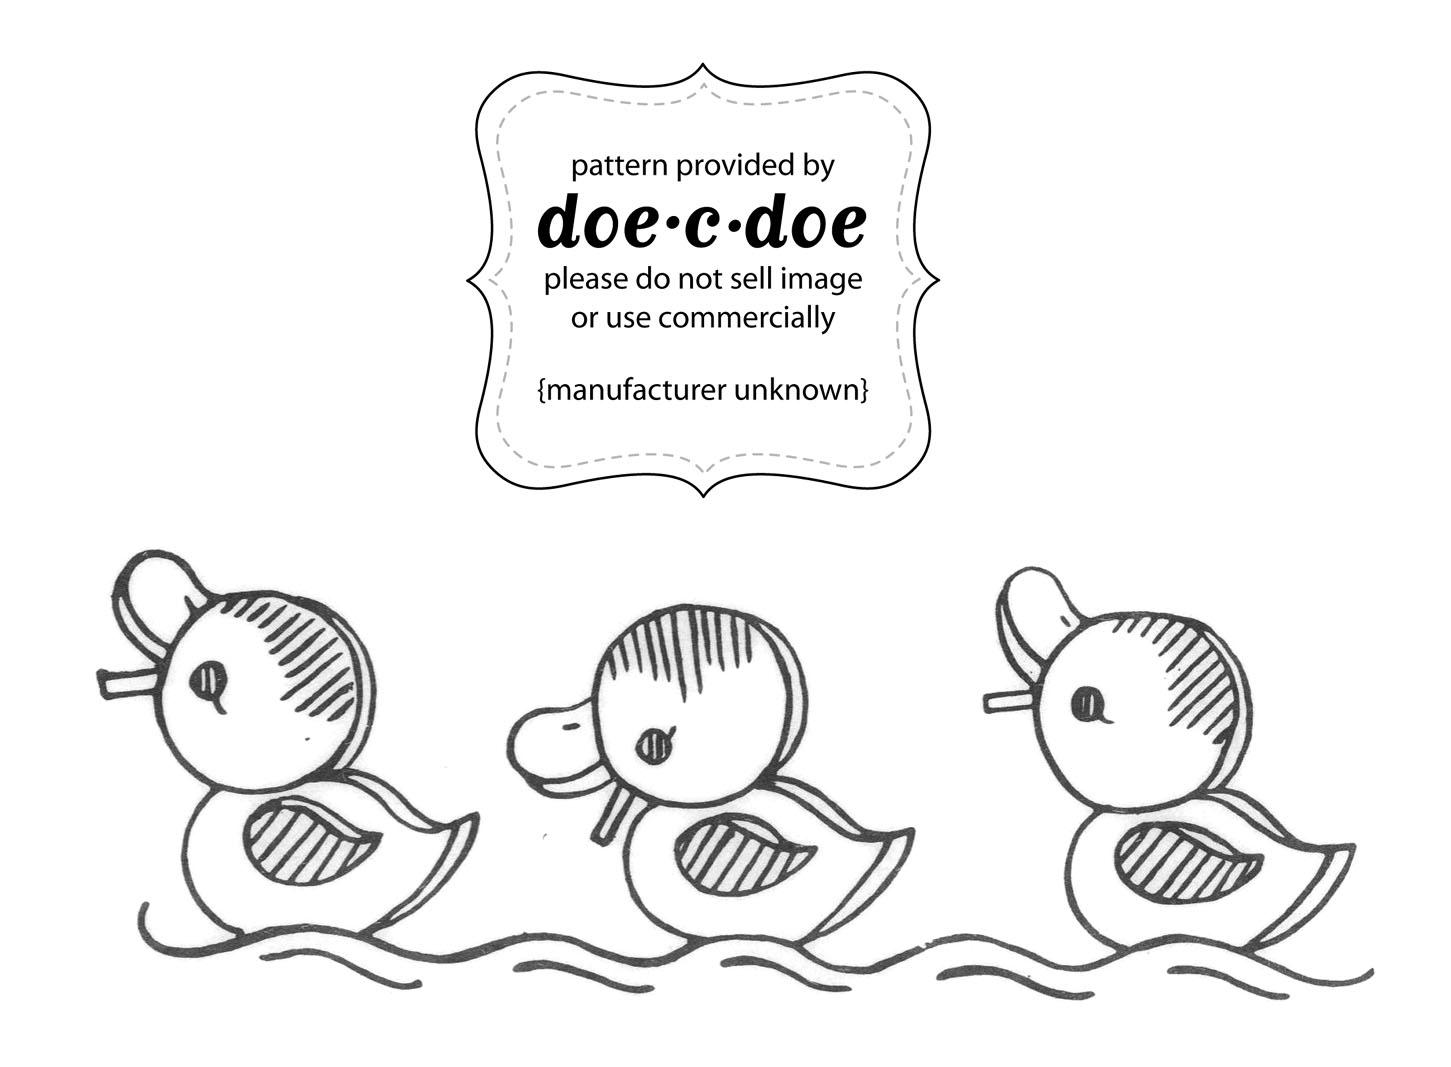 doe-c-doe: July 2010